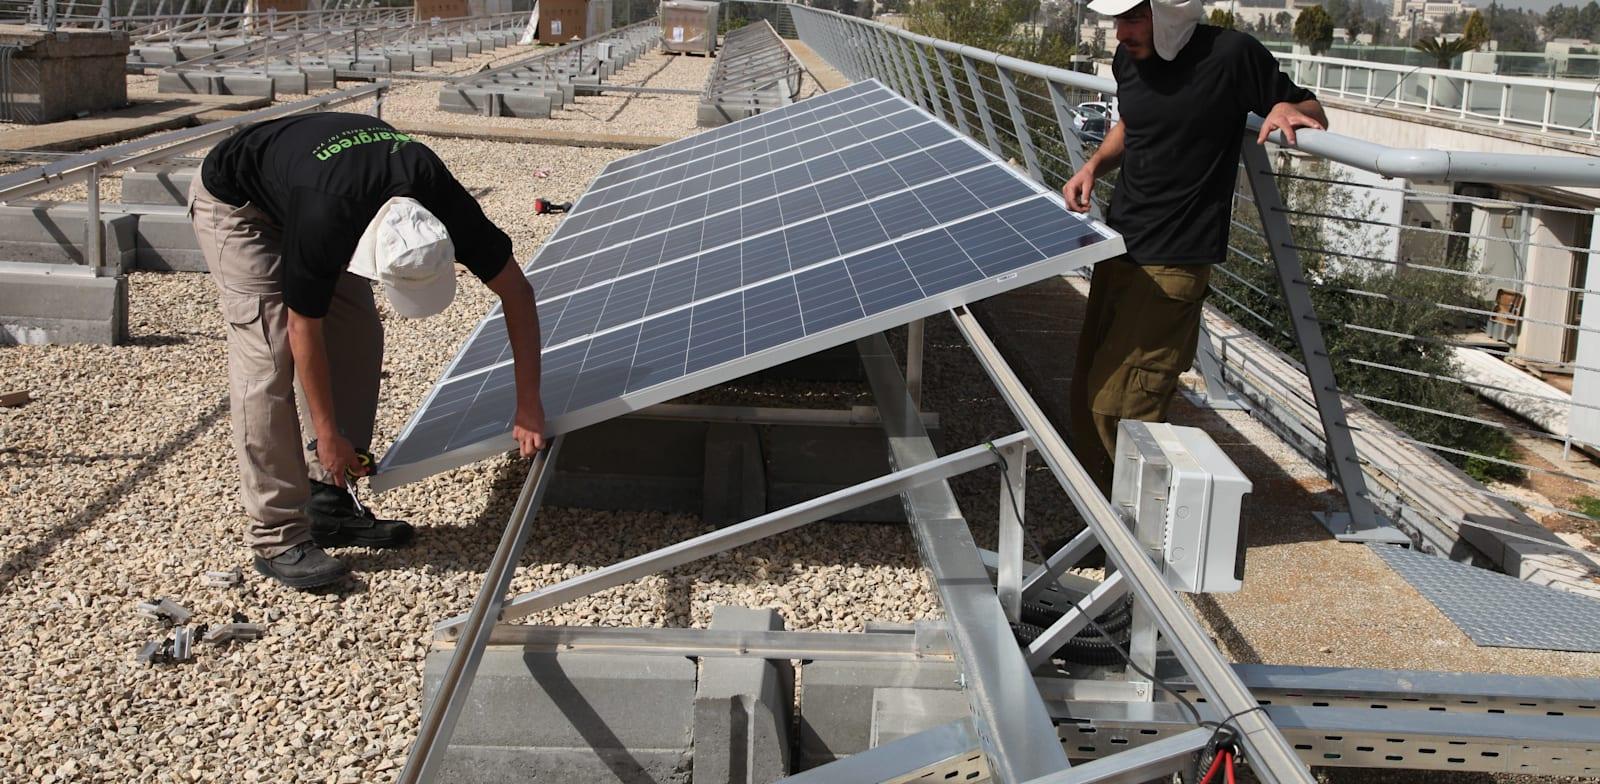 השקת שדה סולרי - אנרגיה ירוקה / צילום: דוברות הכנסת